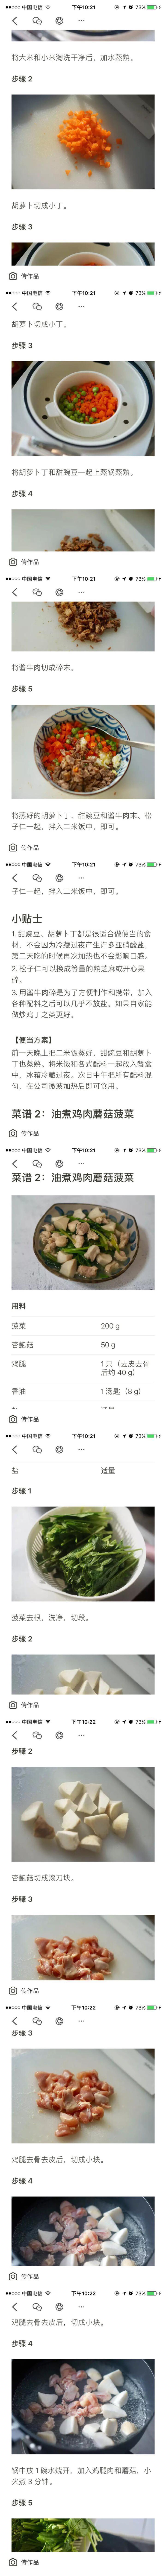 范志红七日减肥餐 14天瘦5斤附食谱